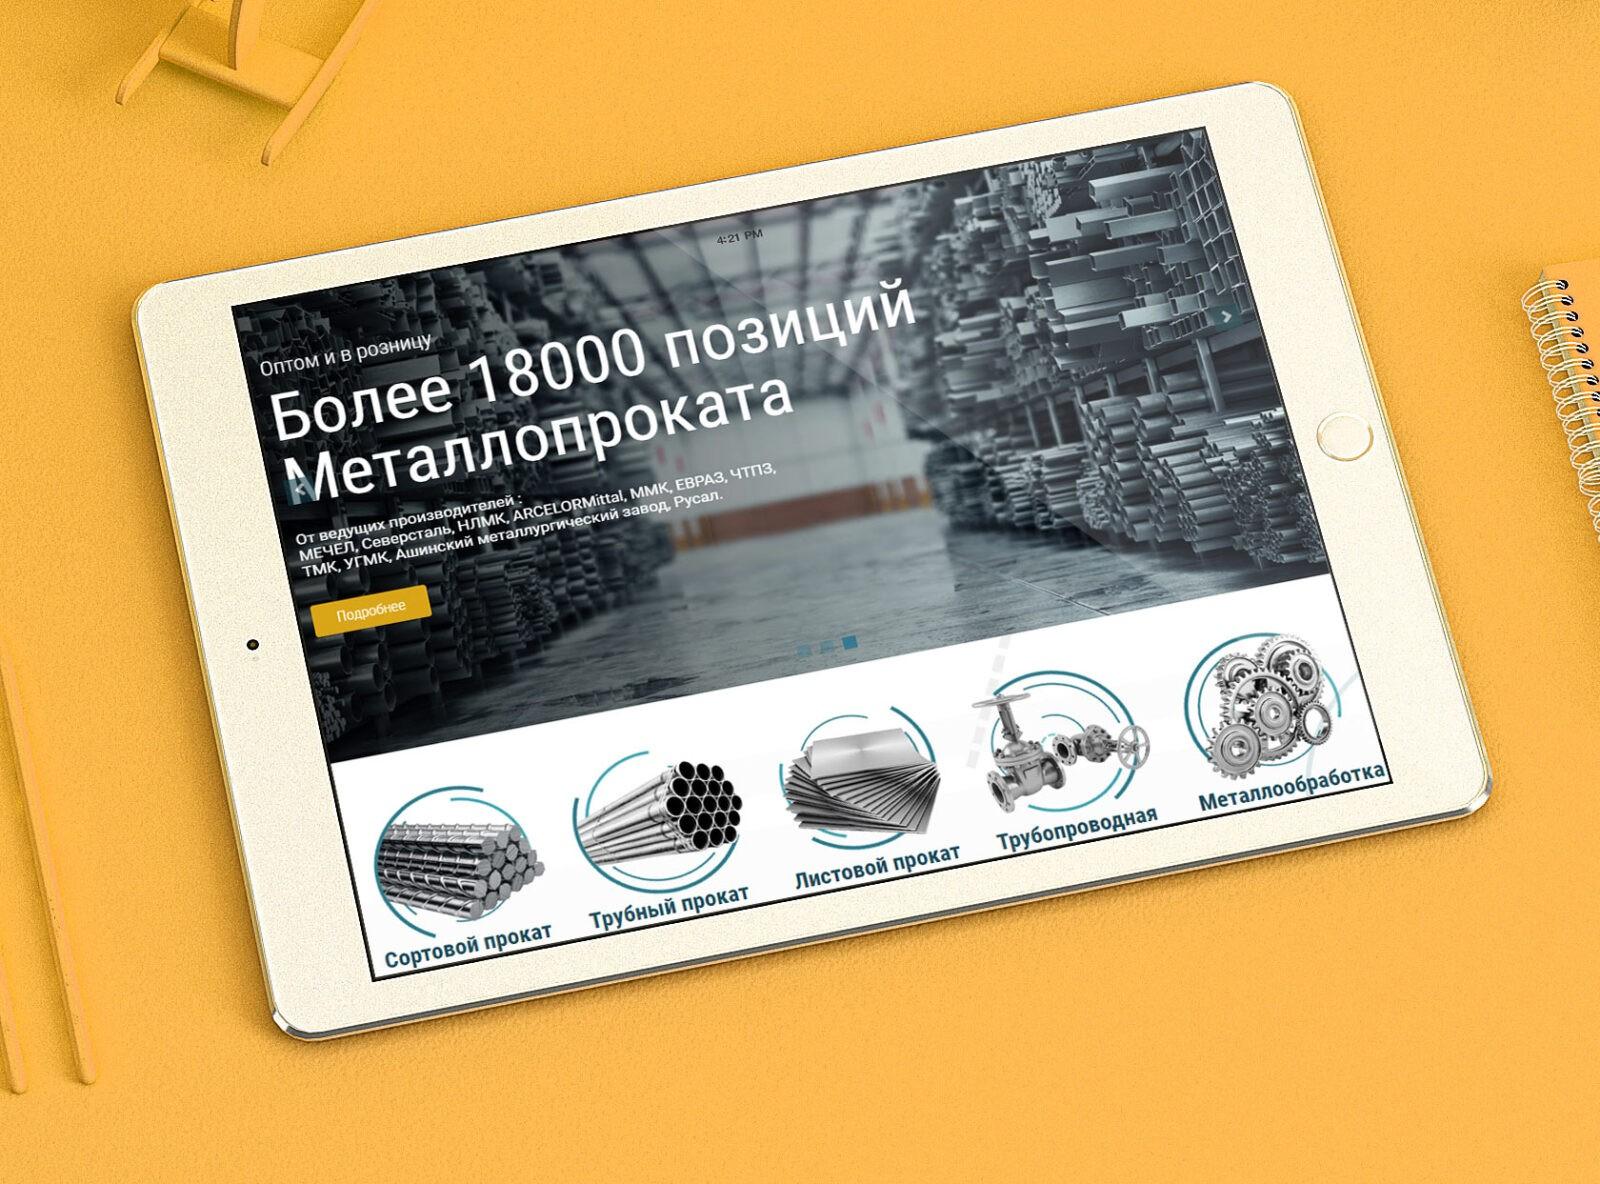 """Дизайн и создание сайта компании """"Сталь Мастер""""  (Дизайн и front-end разработка)"""